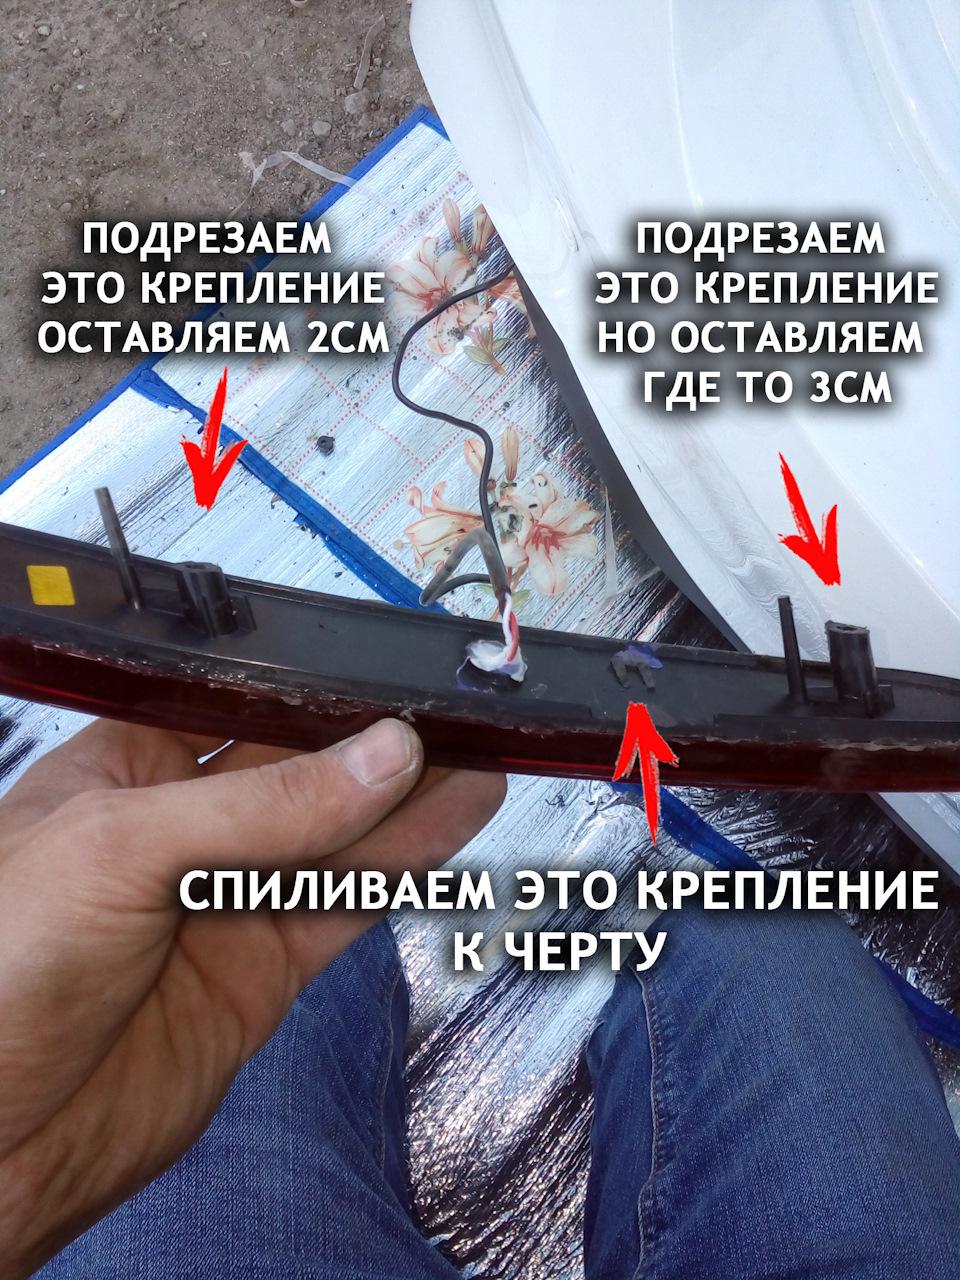 Q8AAAgIp32A-960.jpg